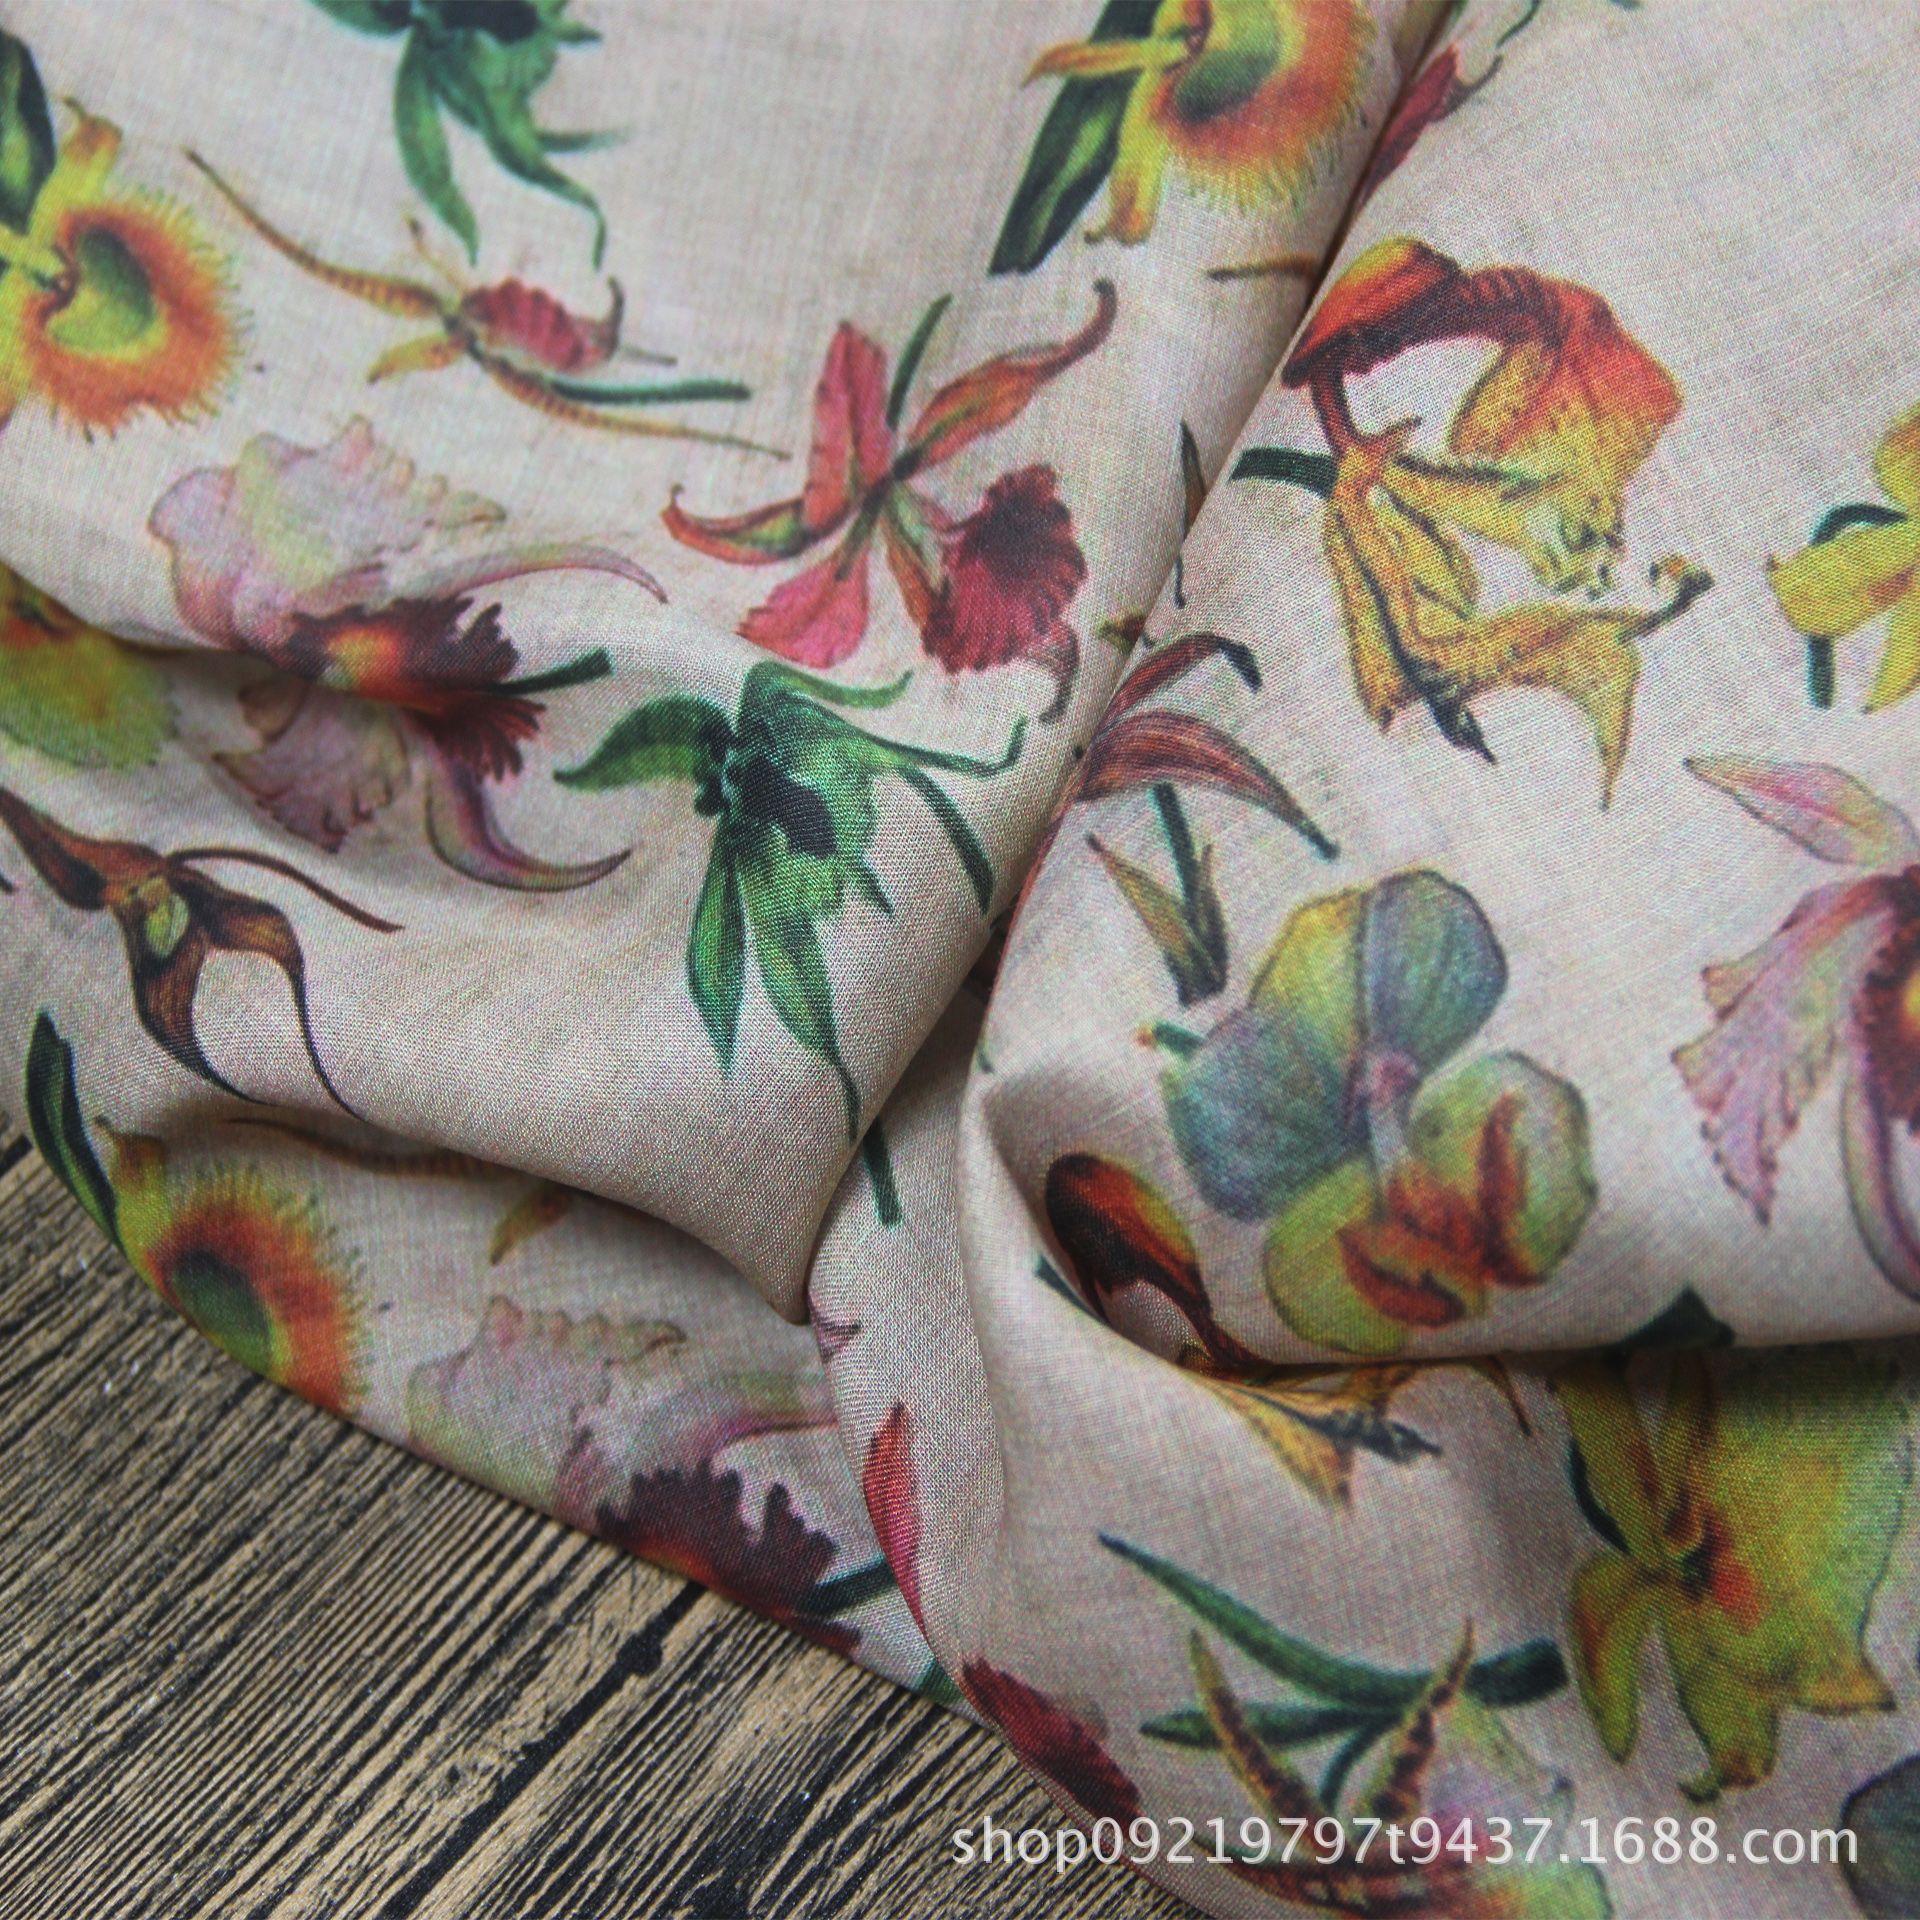 原创小众品牌设计师布料苎麻亚麻棉麻印花布高端袍子旗袍连衣裙布